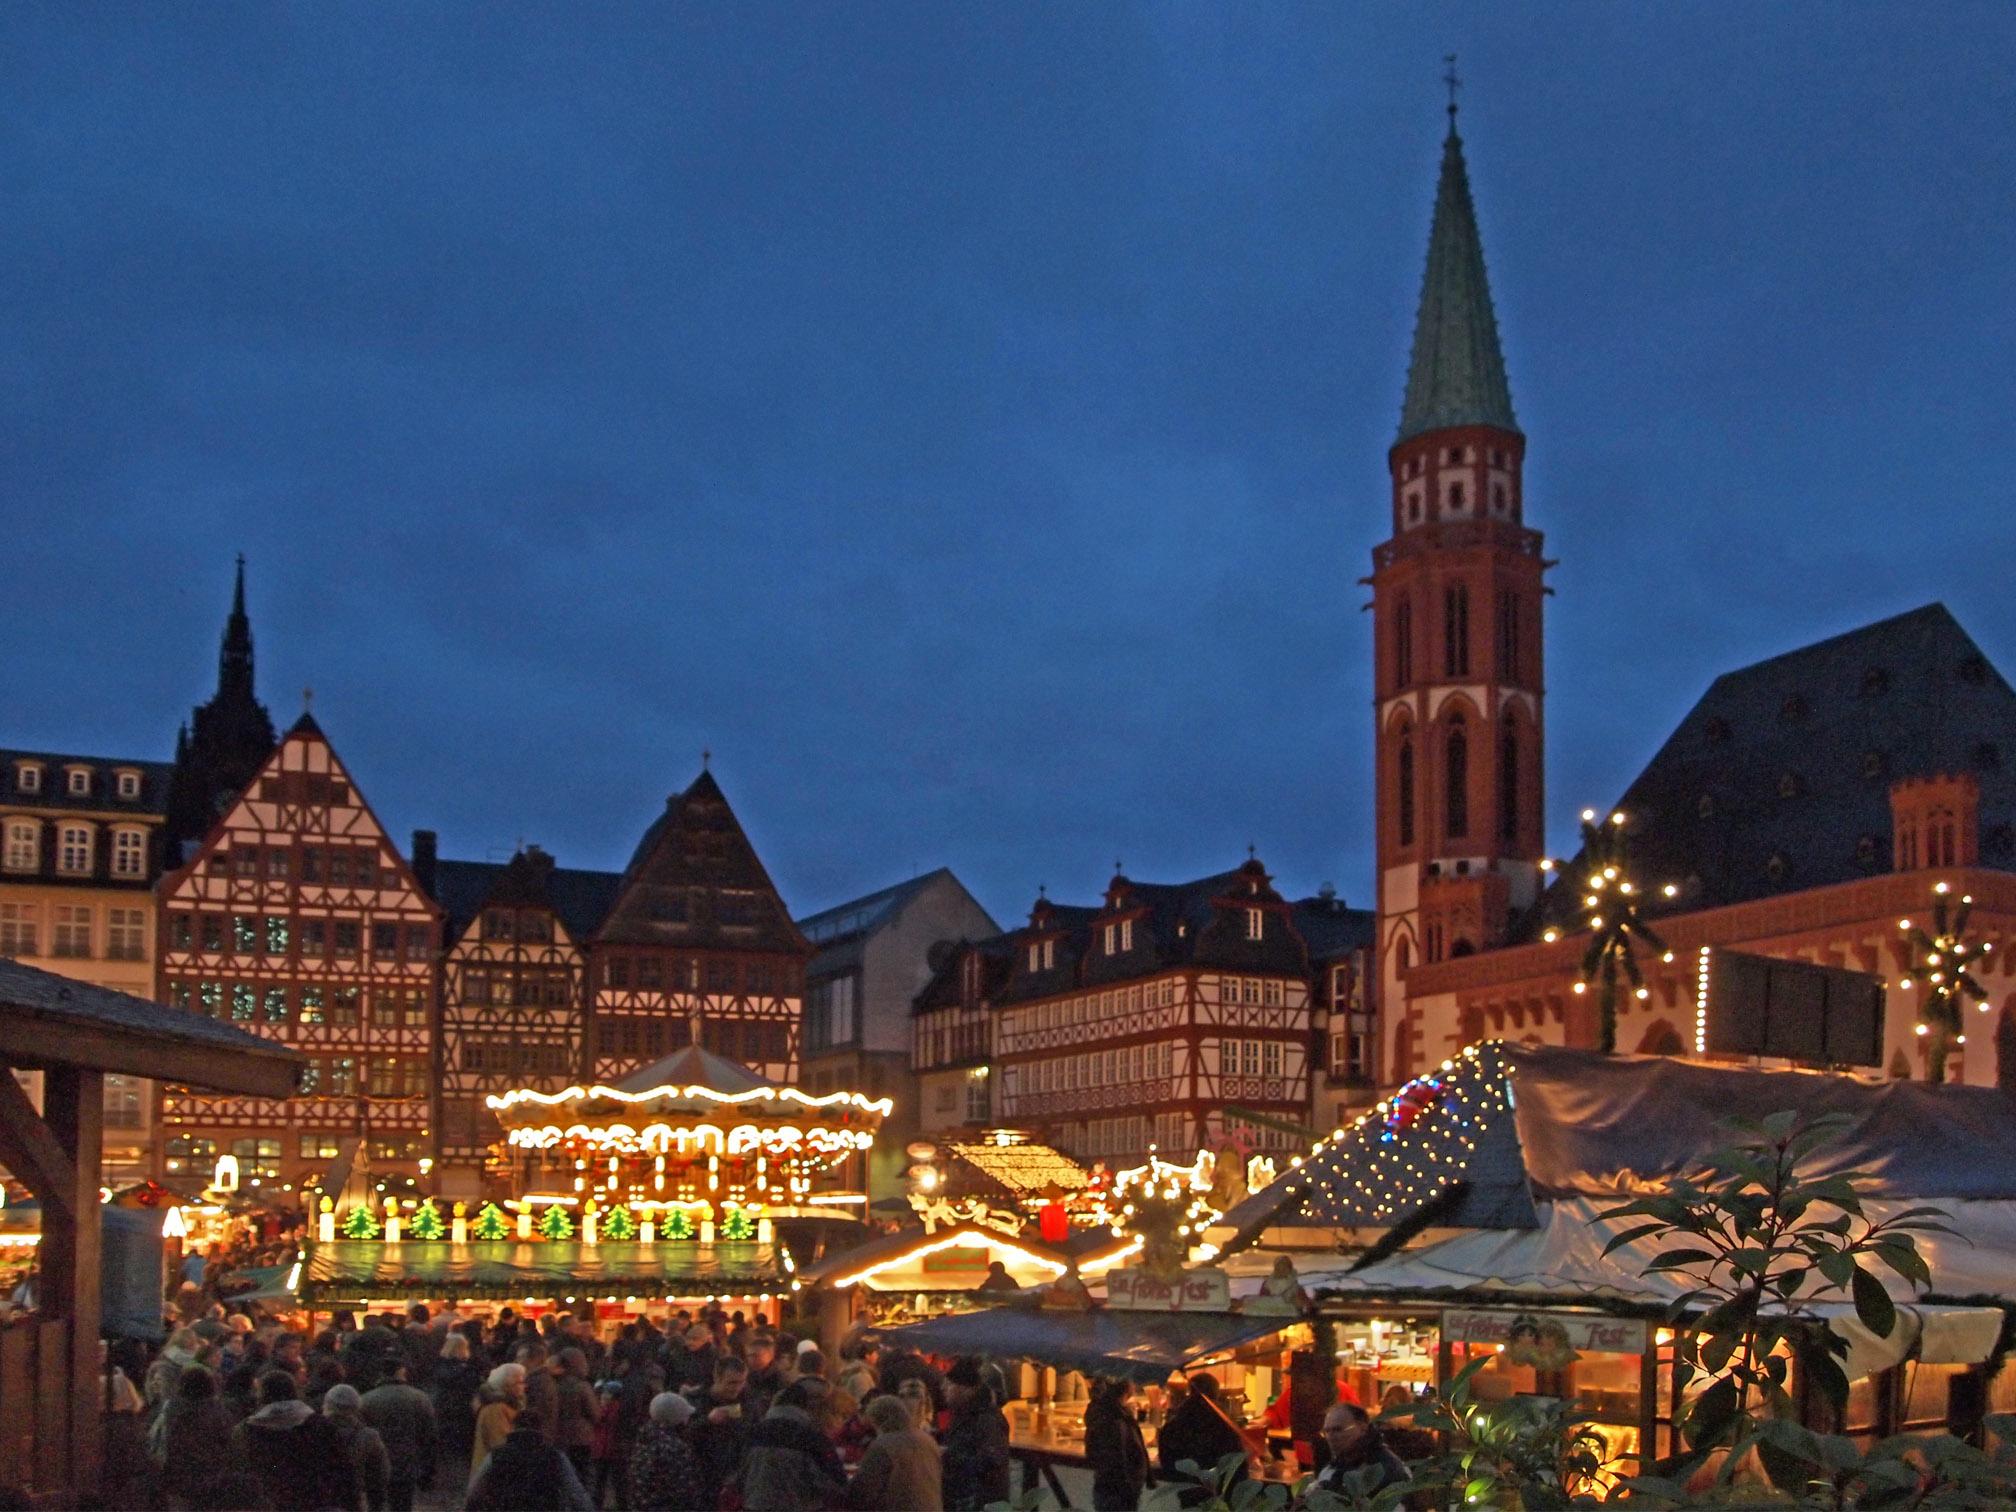 Weihnachtsmarkt H.File Weihnachtsmarkt Frankfurt 509 Vls H Jpg Wikimedia Commons